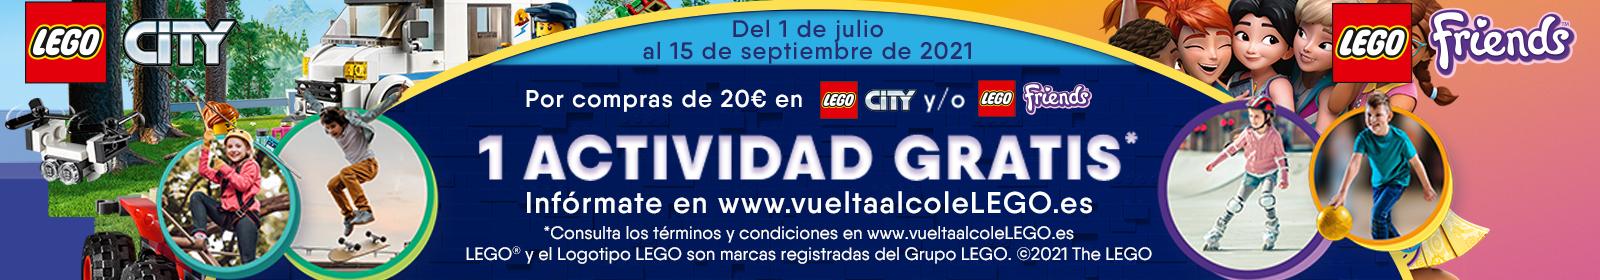 Promoción Lego